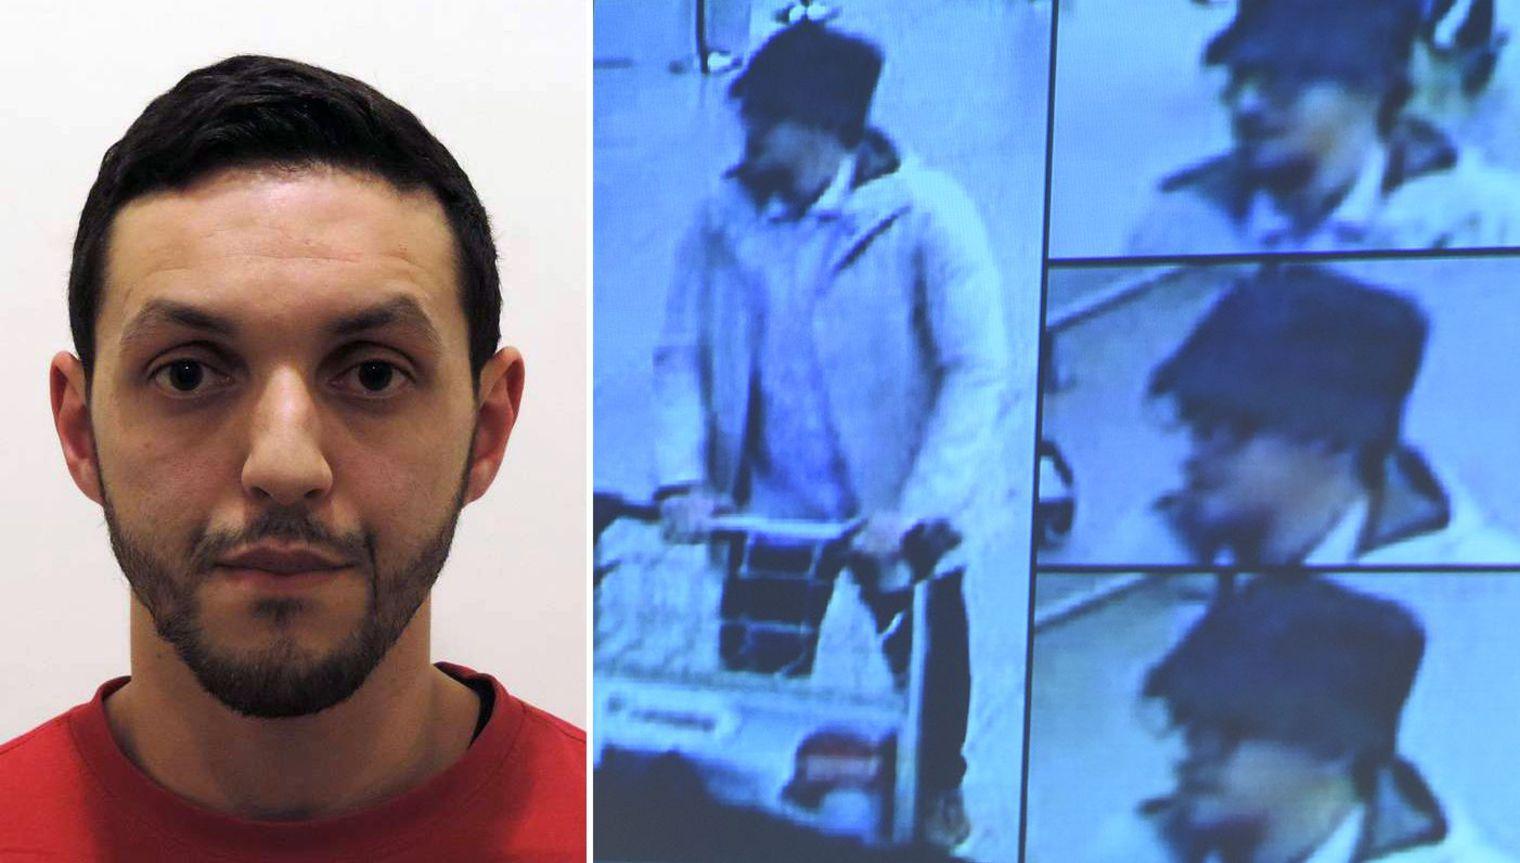 montage-d-un-portrait-d-archives-non-date-et-de-captures-d-ecran-d-une-video-de-surveilance-a-l-aeroport-de-bruxelles-de-mohamed-abrini_5579065